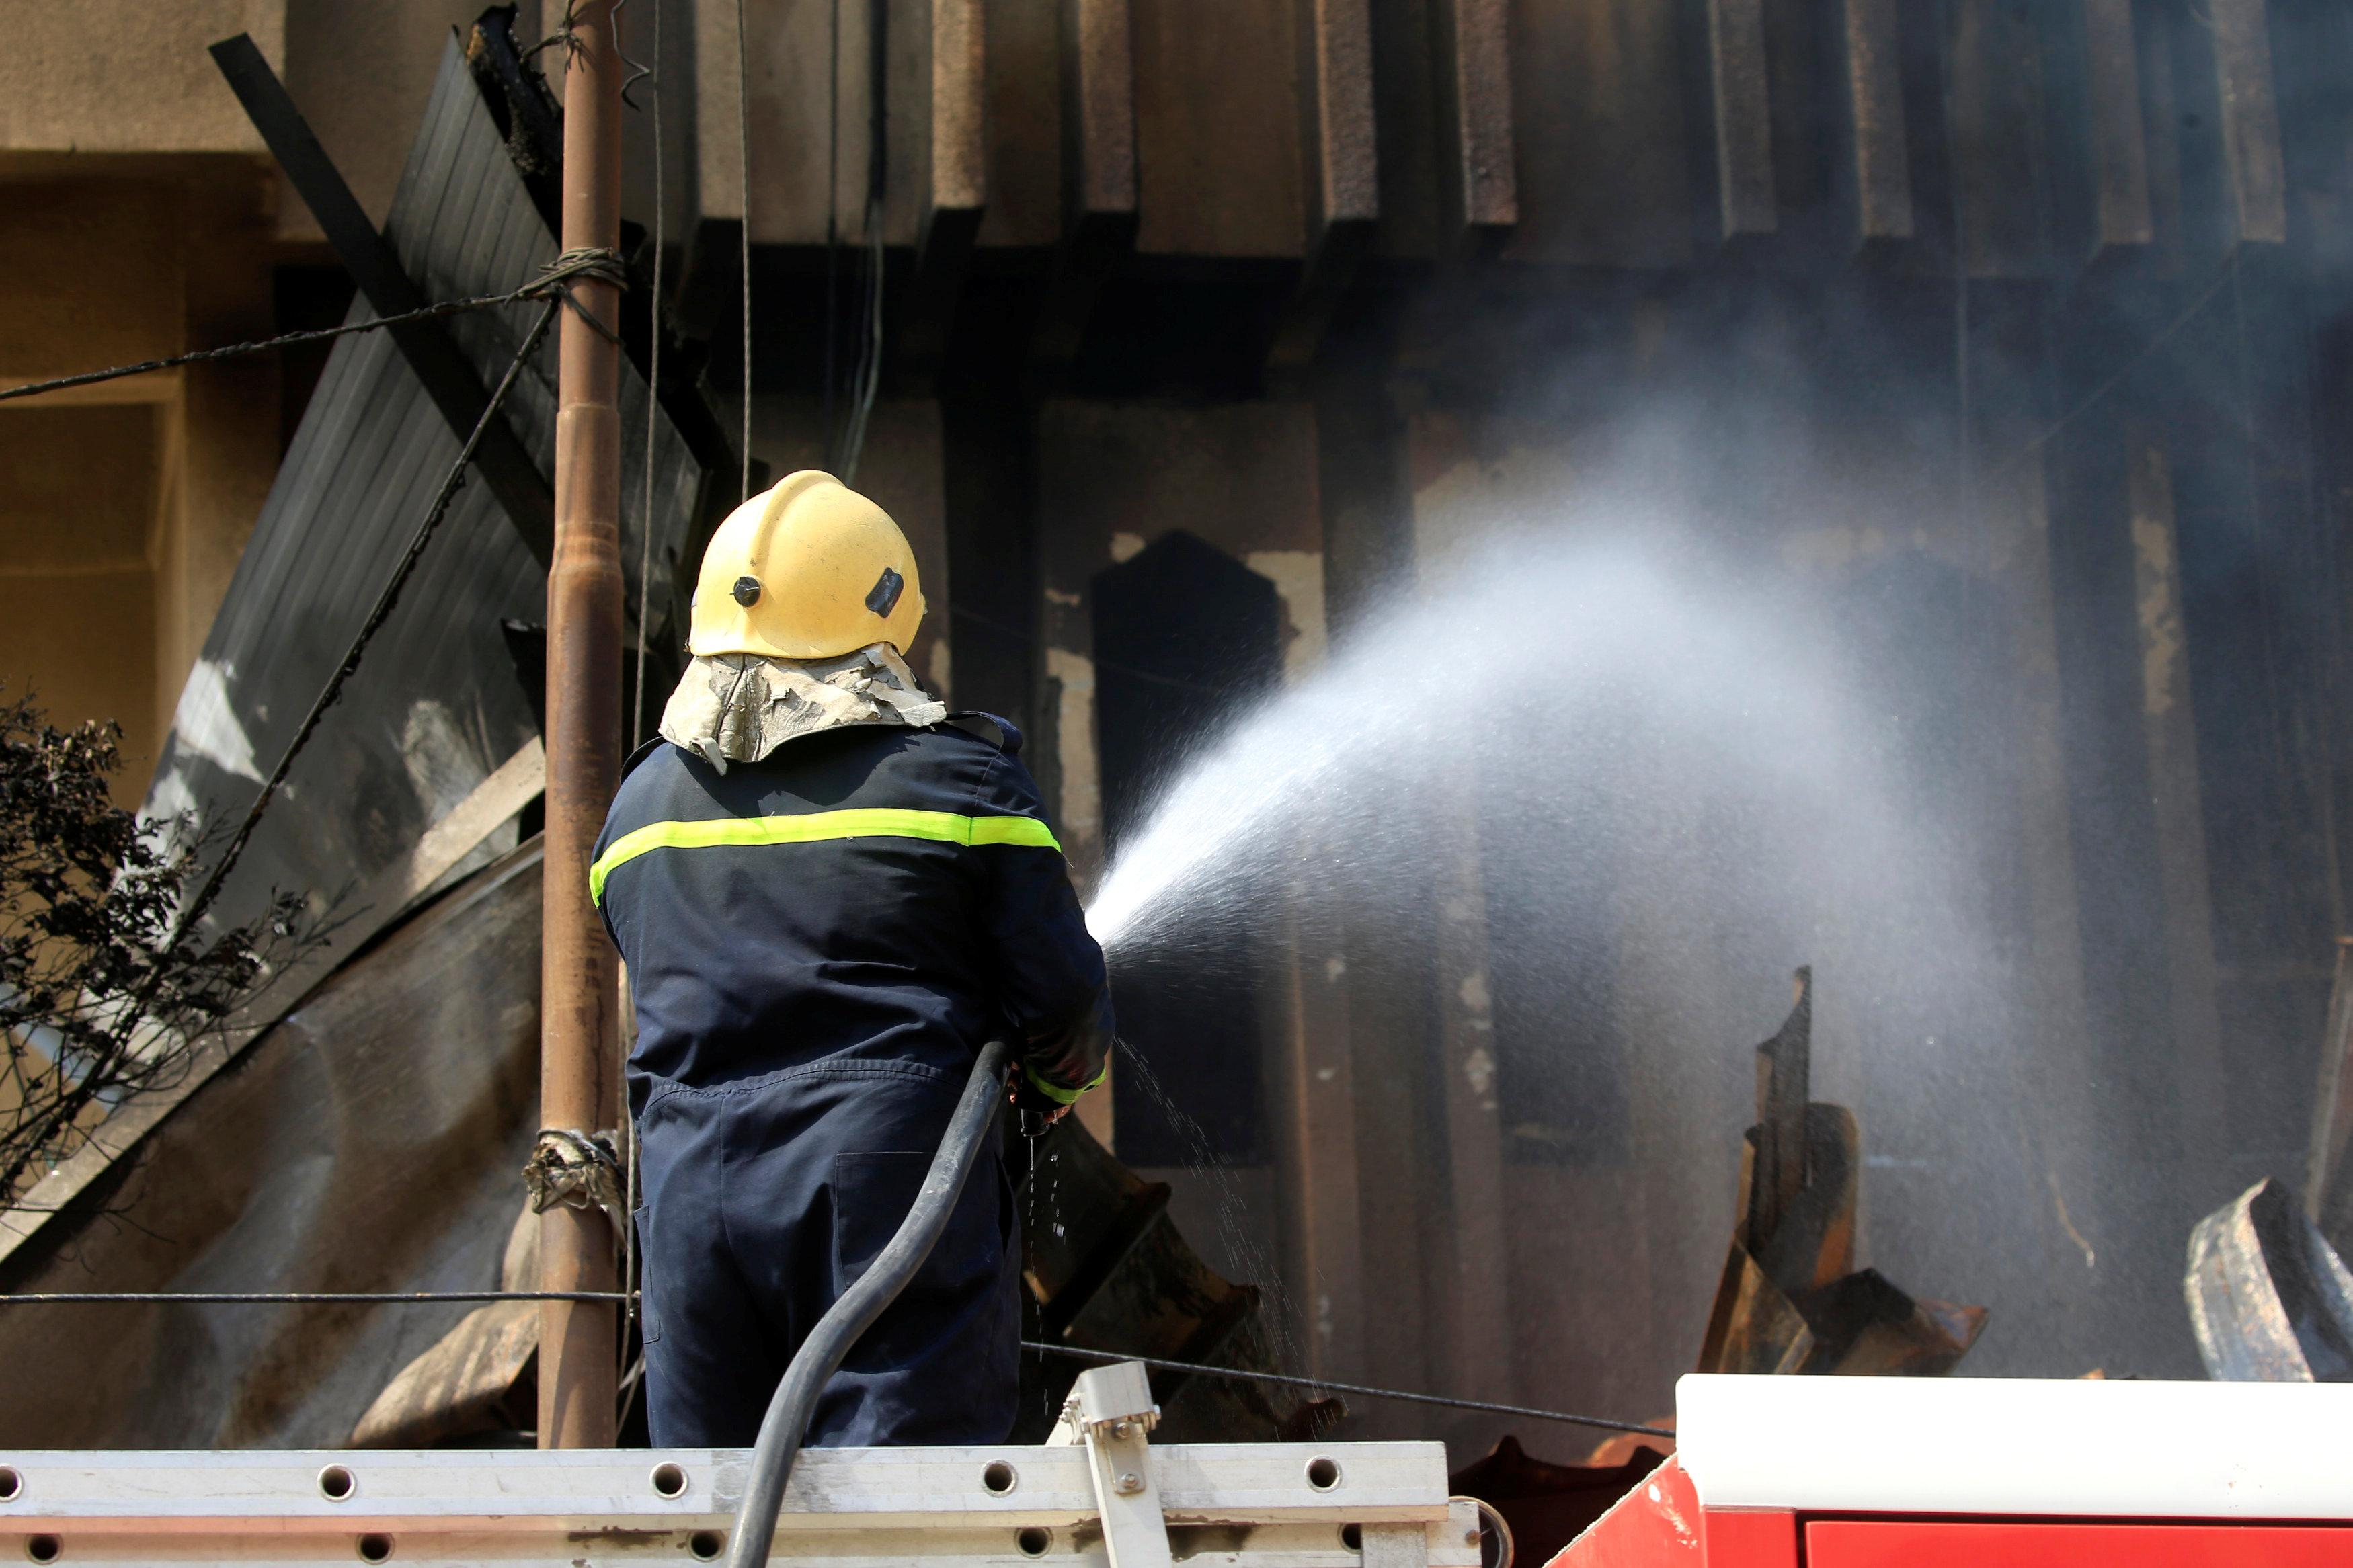 رجال الاطفاء تطفئ احد المبانى الحكومية التى اشعلها المتظاهرين بالبصرة